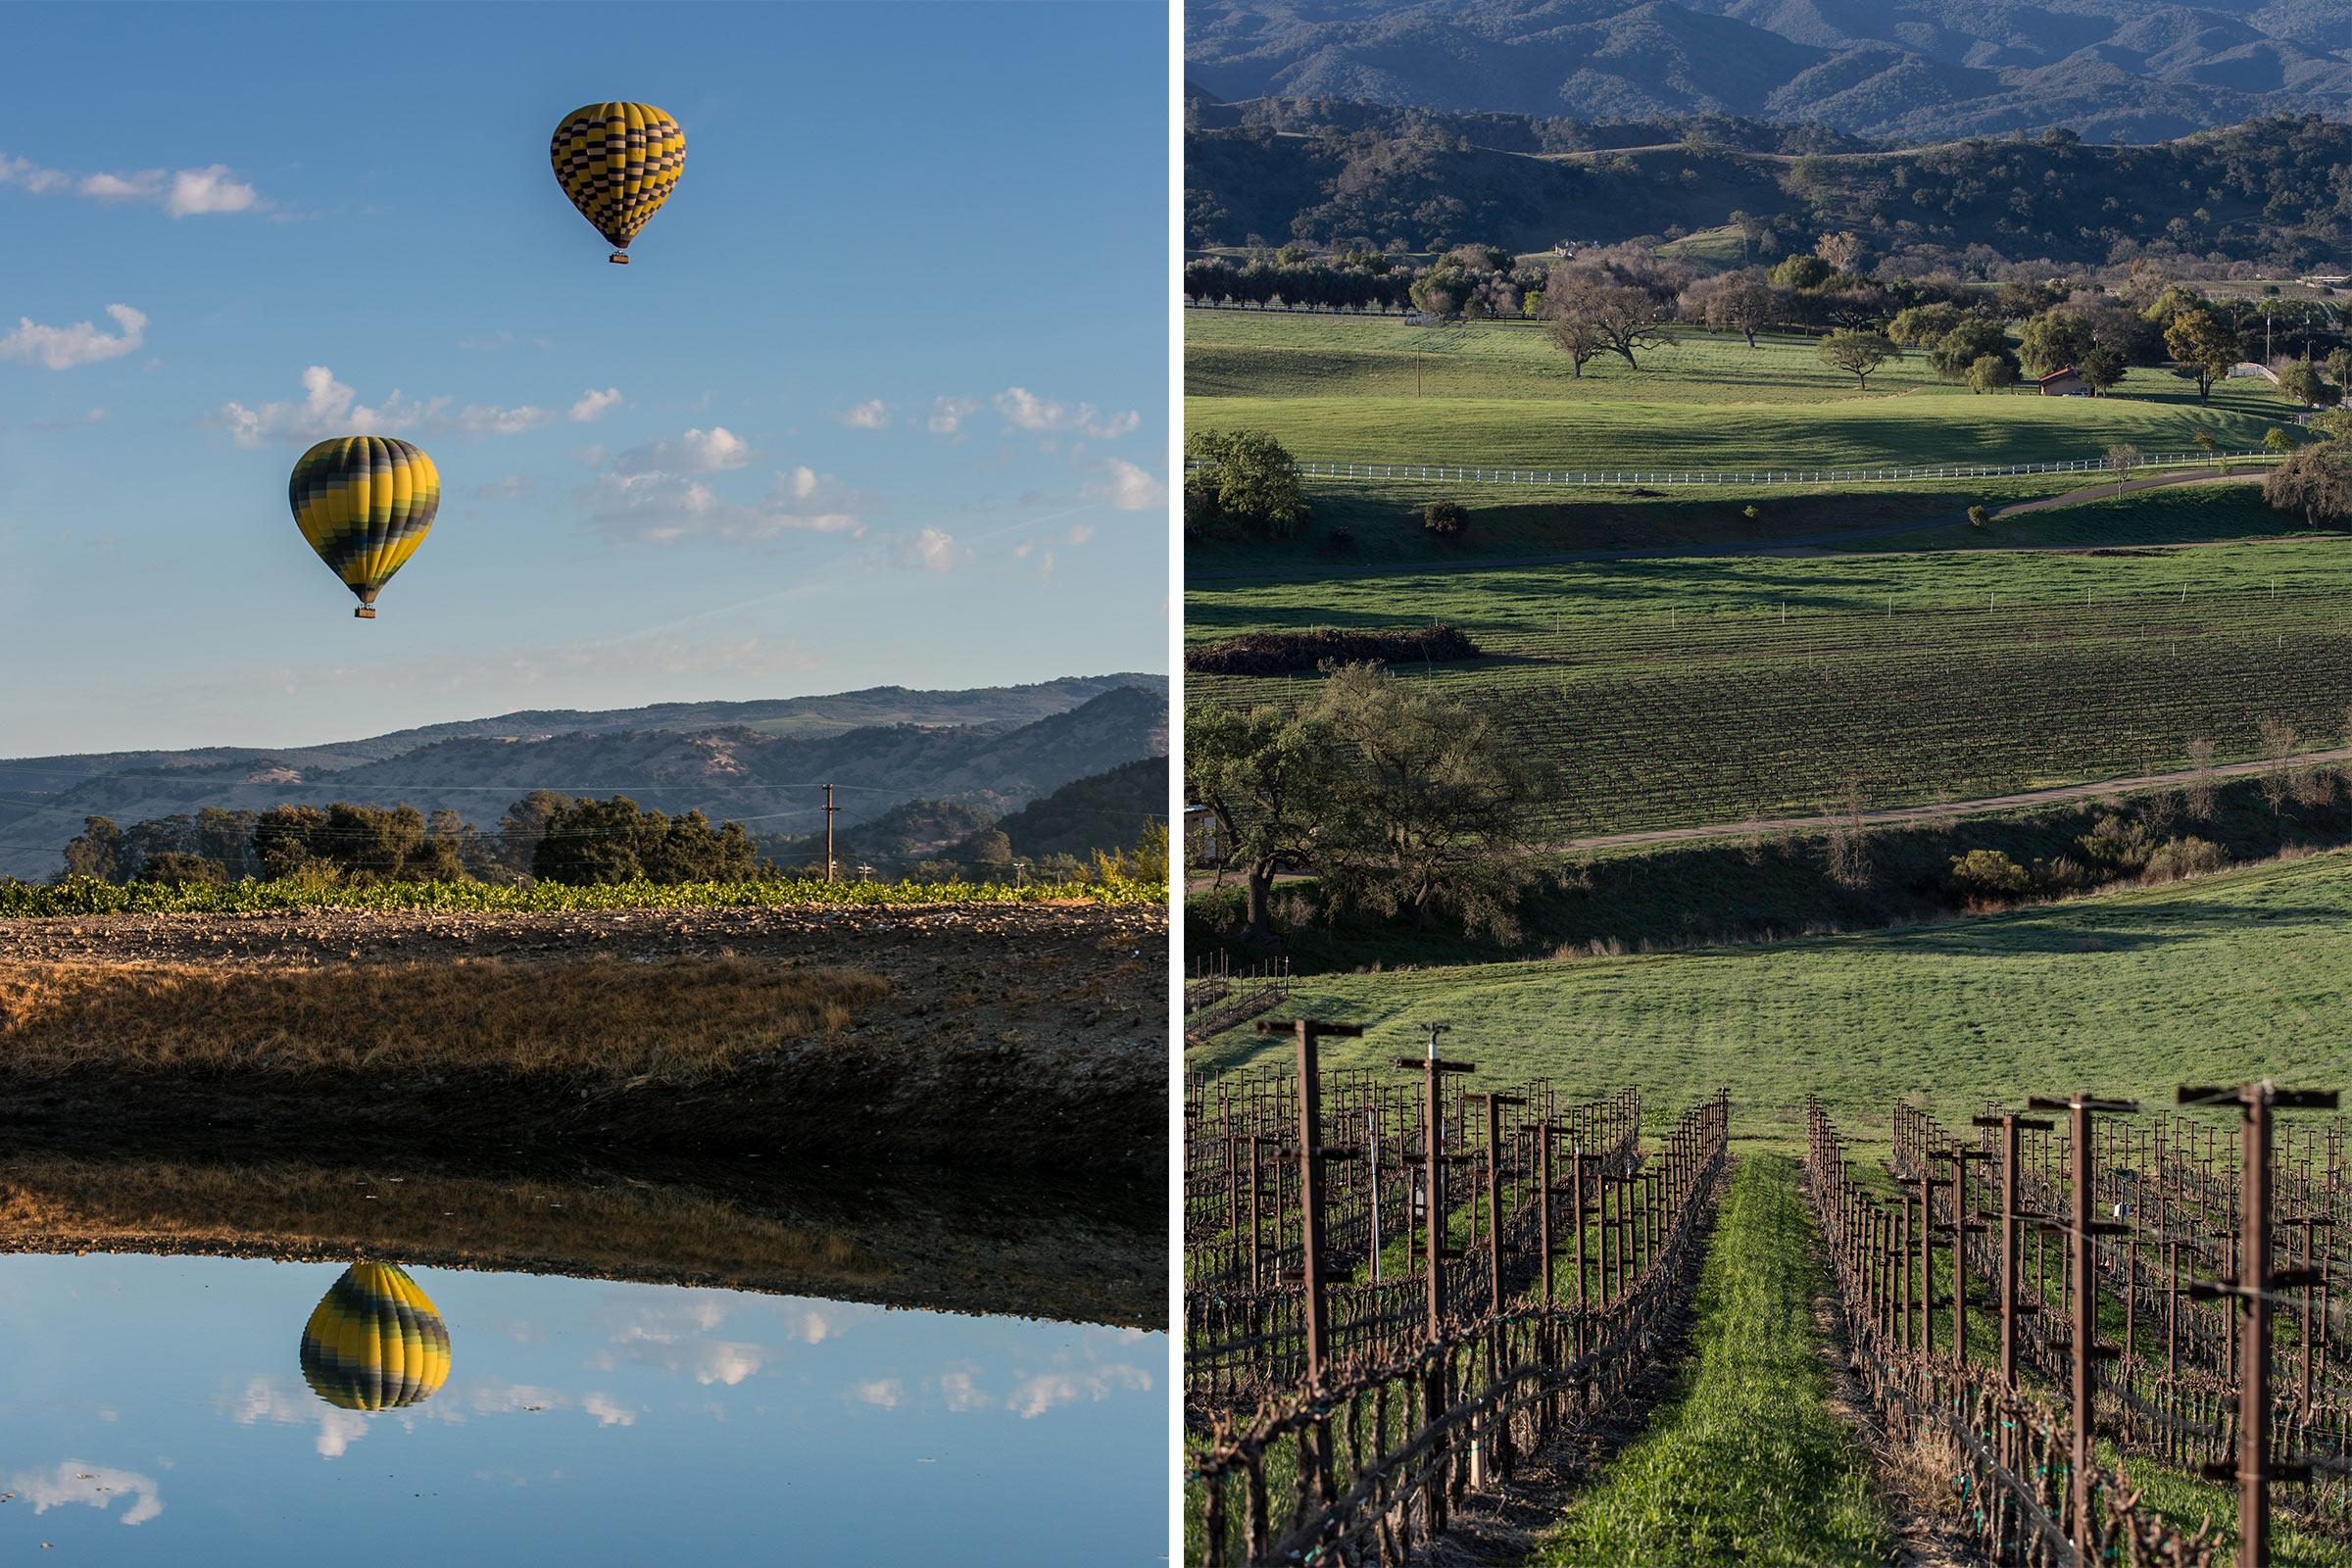 Napa Valley, CA; Santa Ynez Valley, CA